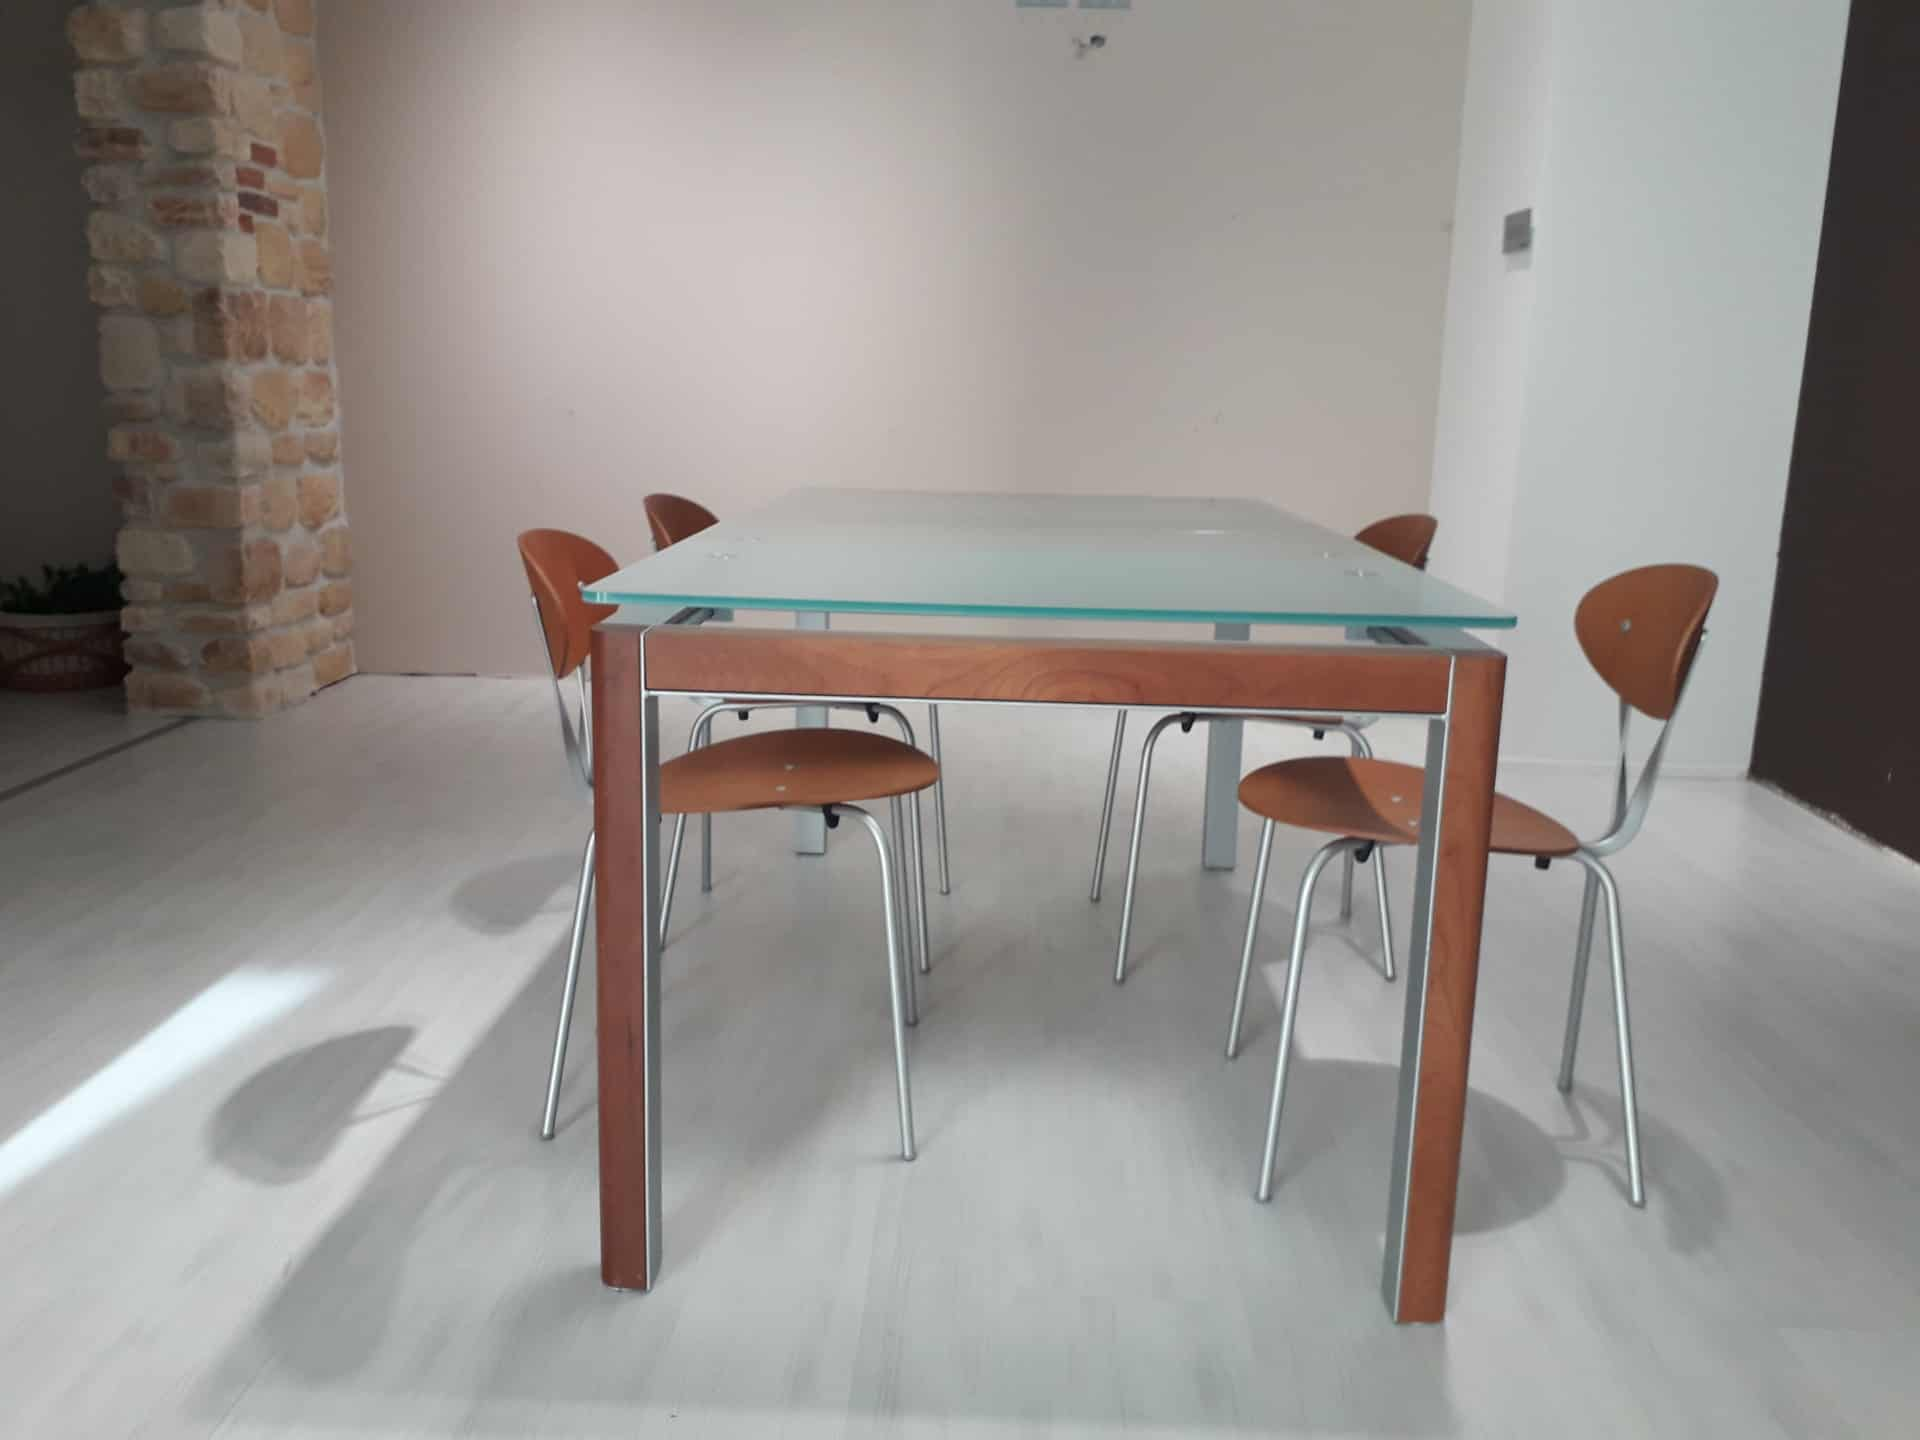 Tavolo Vetro Temperato.Tavolo Bontempi In Ciliegio Con Piano In Vetro Temperato